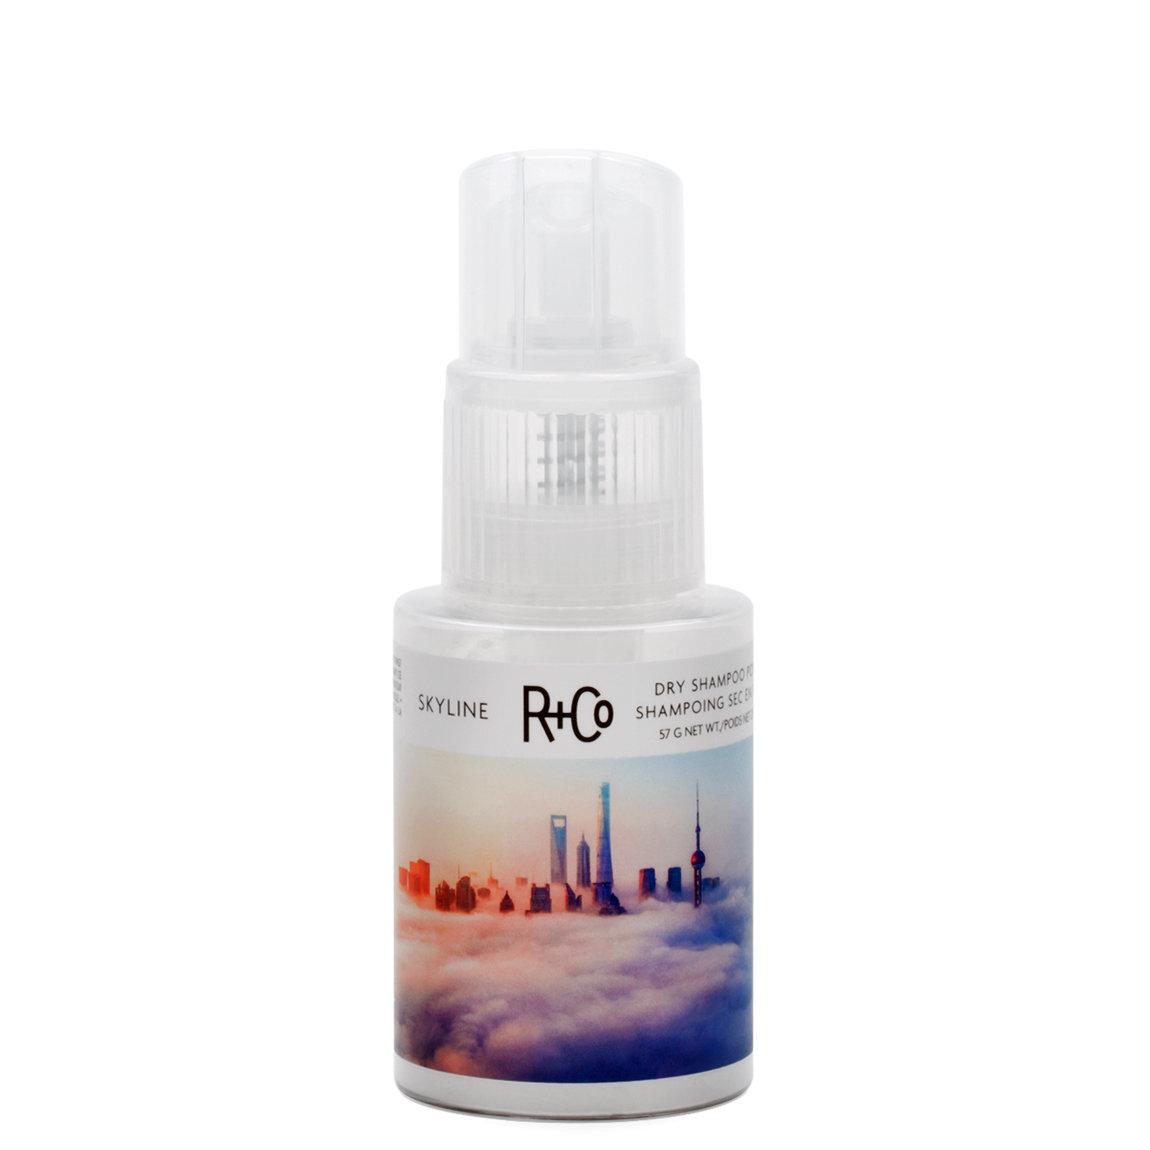 R+Co Skyline Dry Shampoo Powder product swatch.